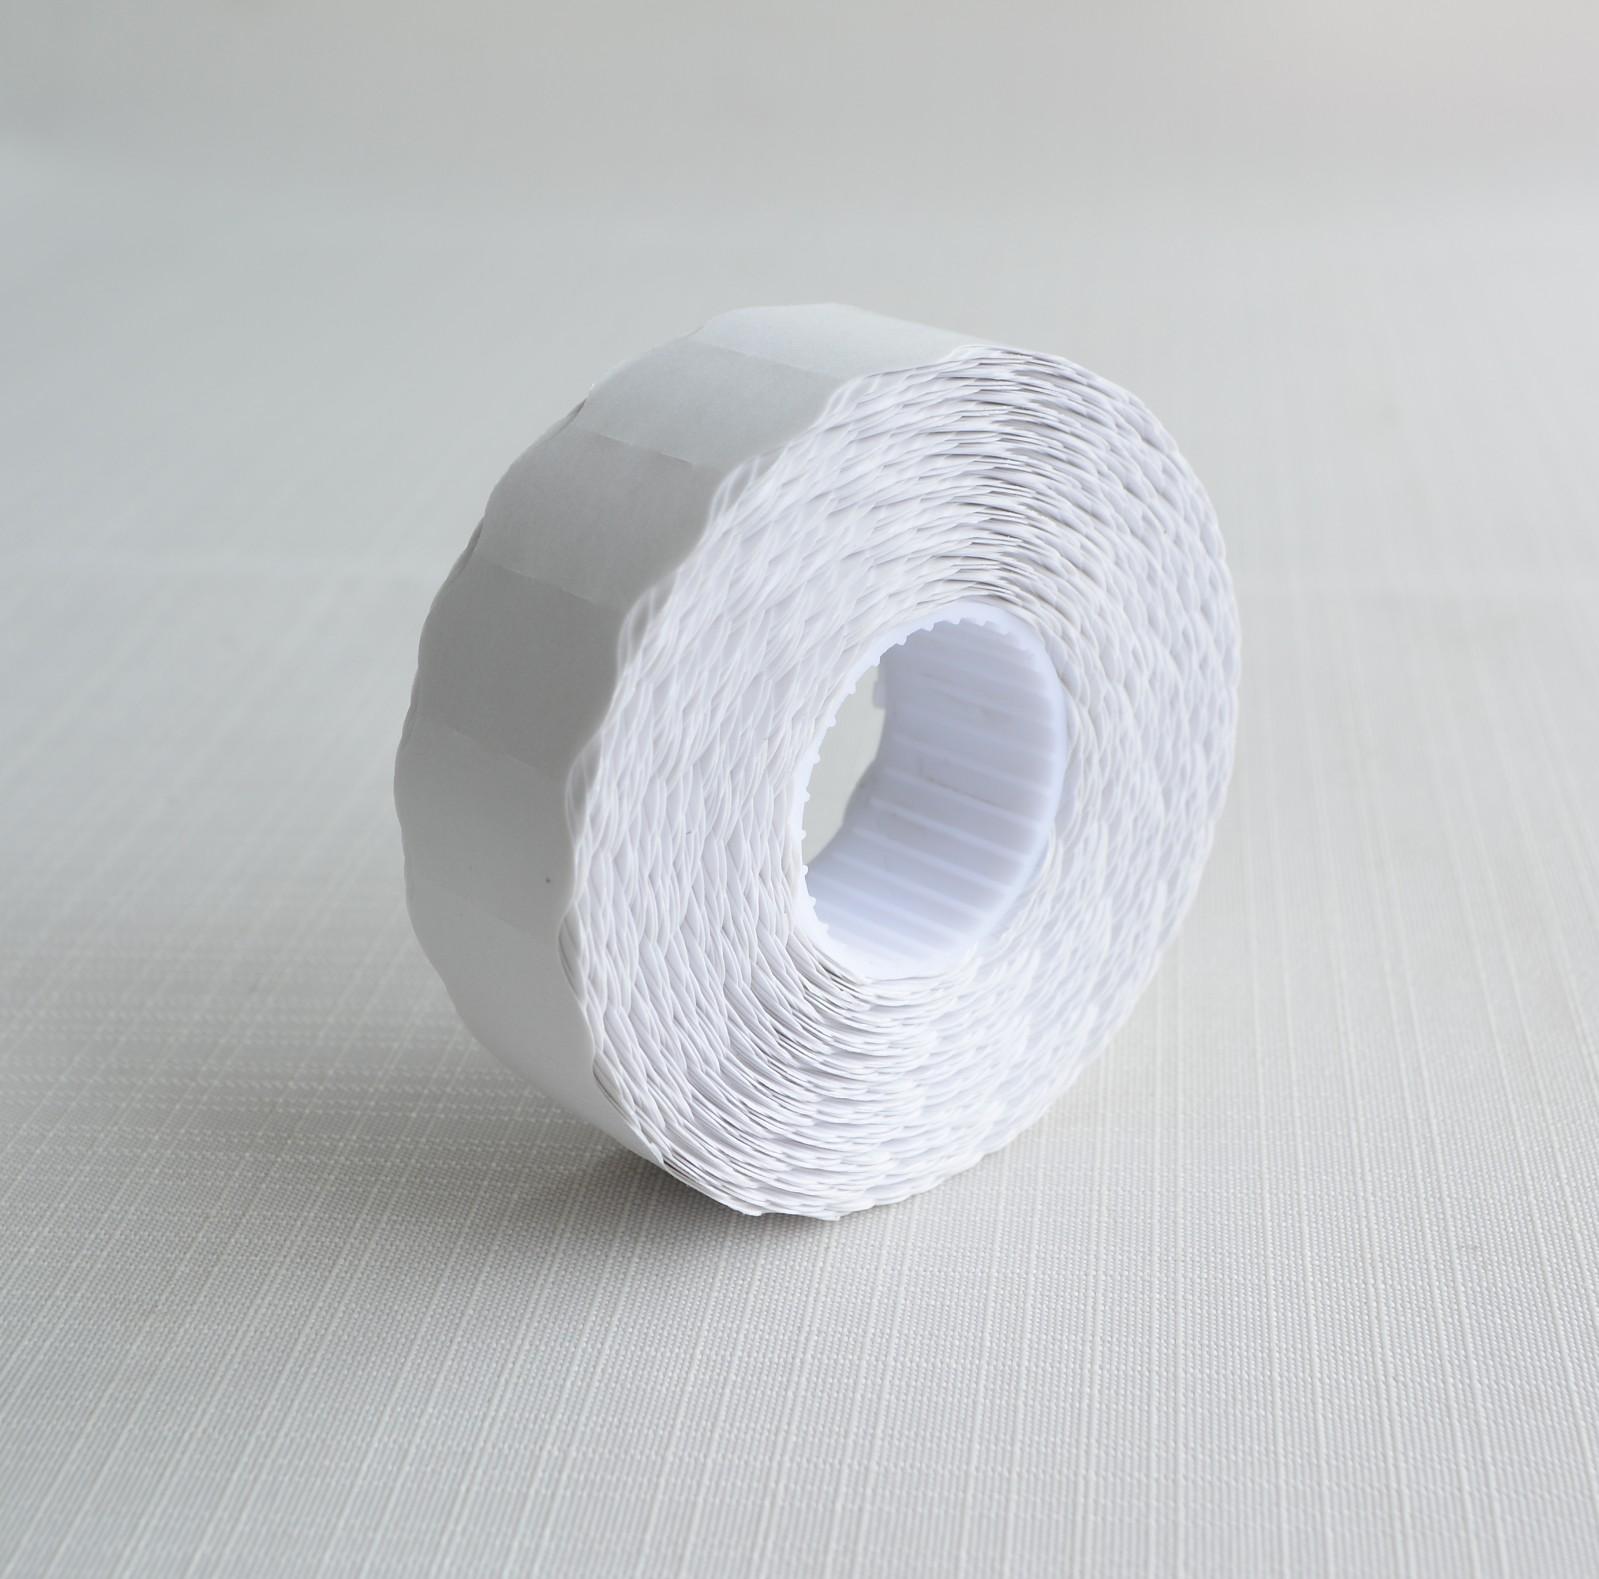 花边标价纸生产厂家_不干胶标签生产厂家-深圳市荣诚兴包装制品有限公司